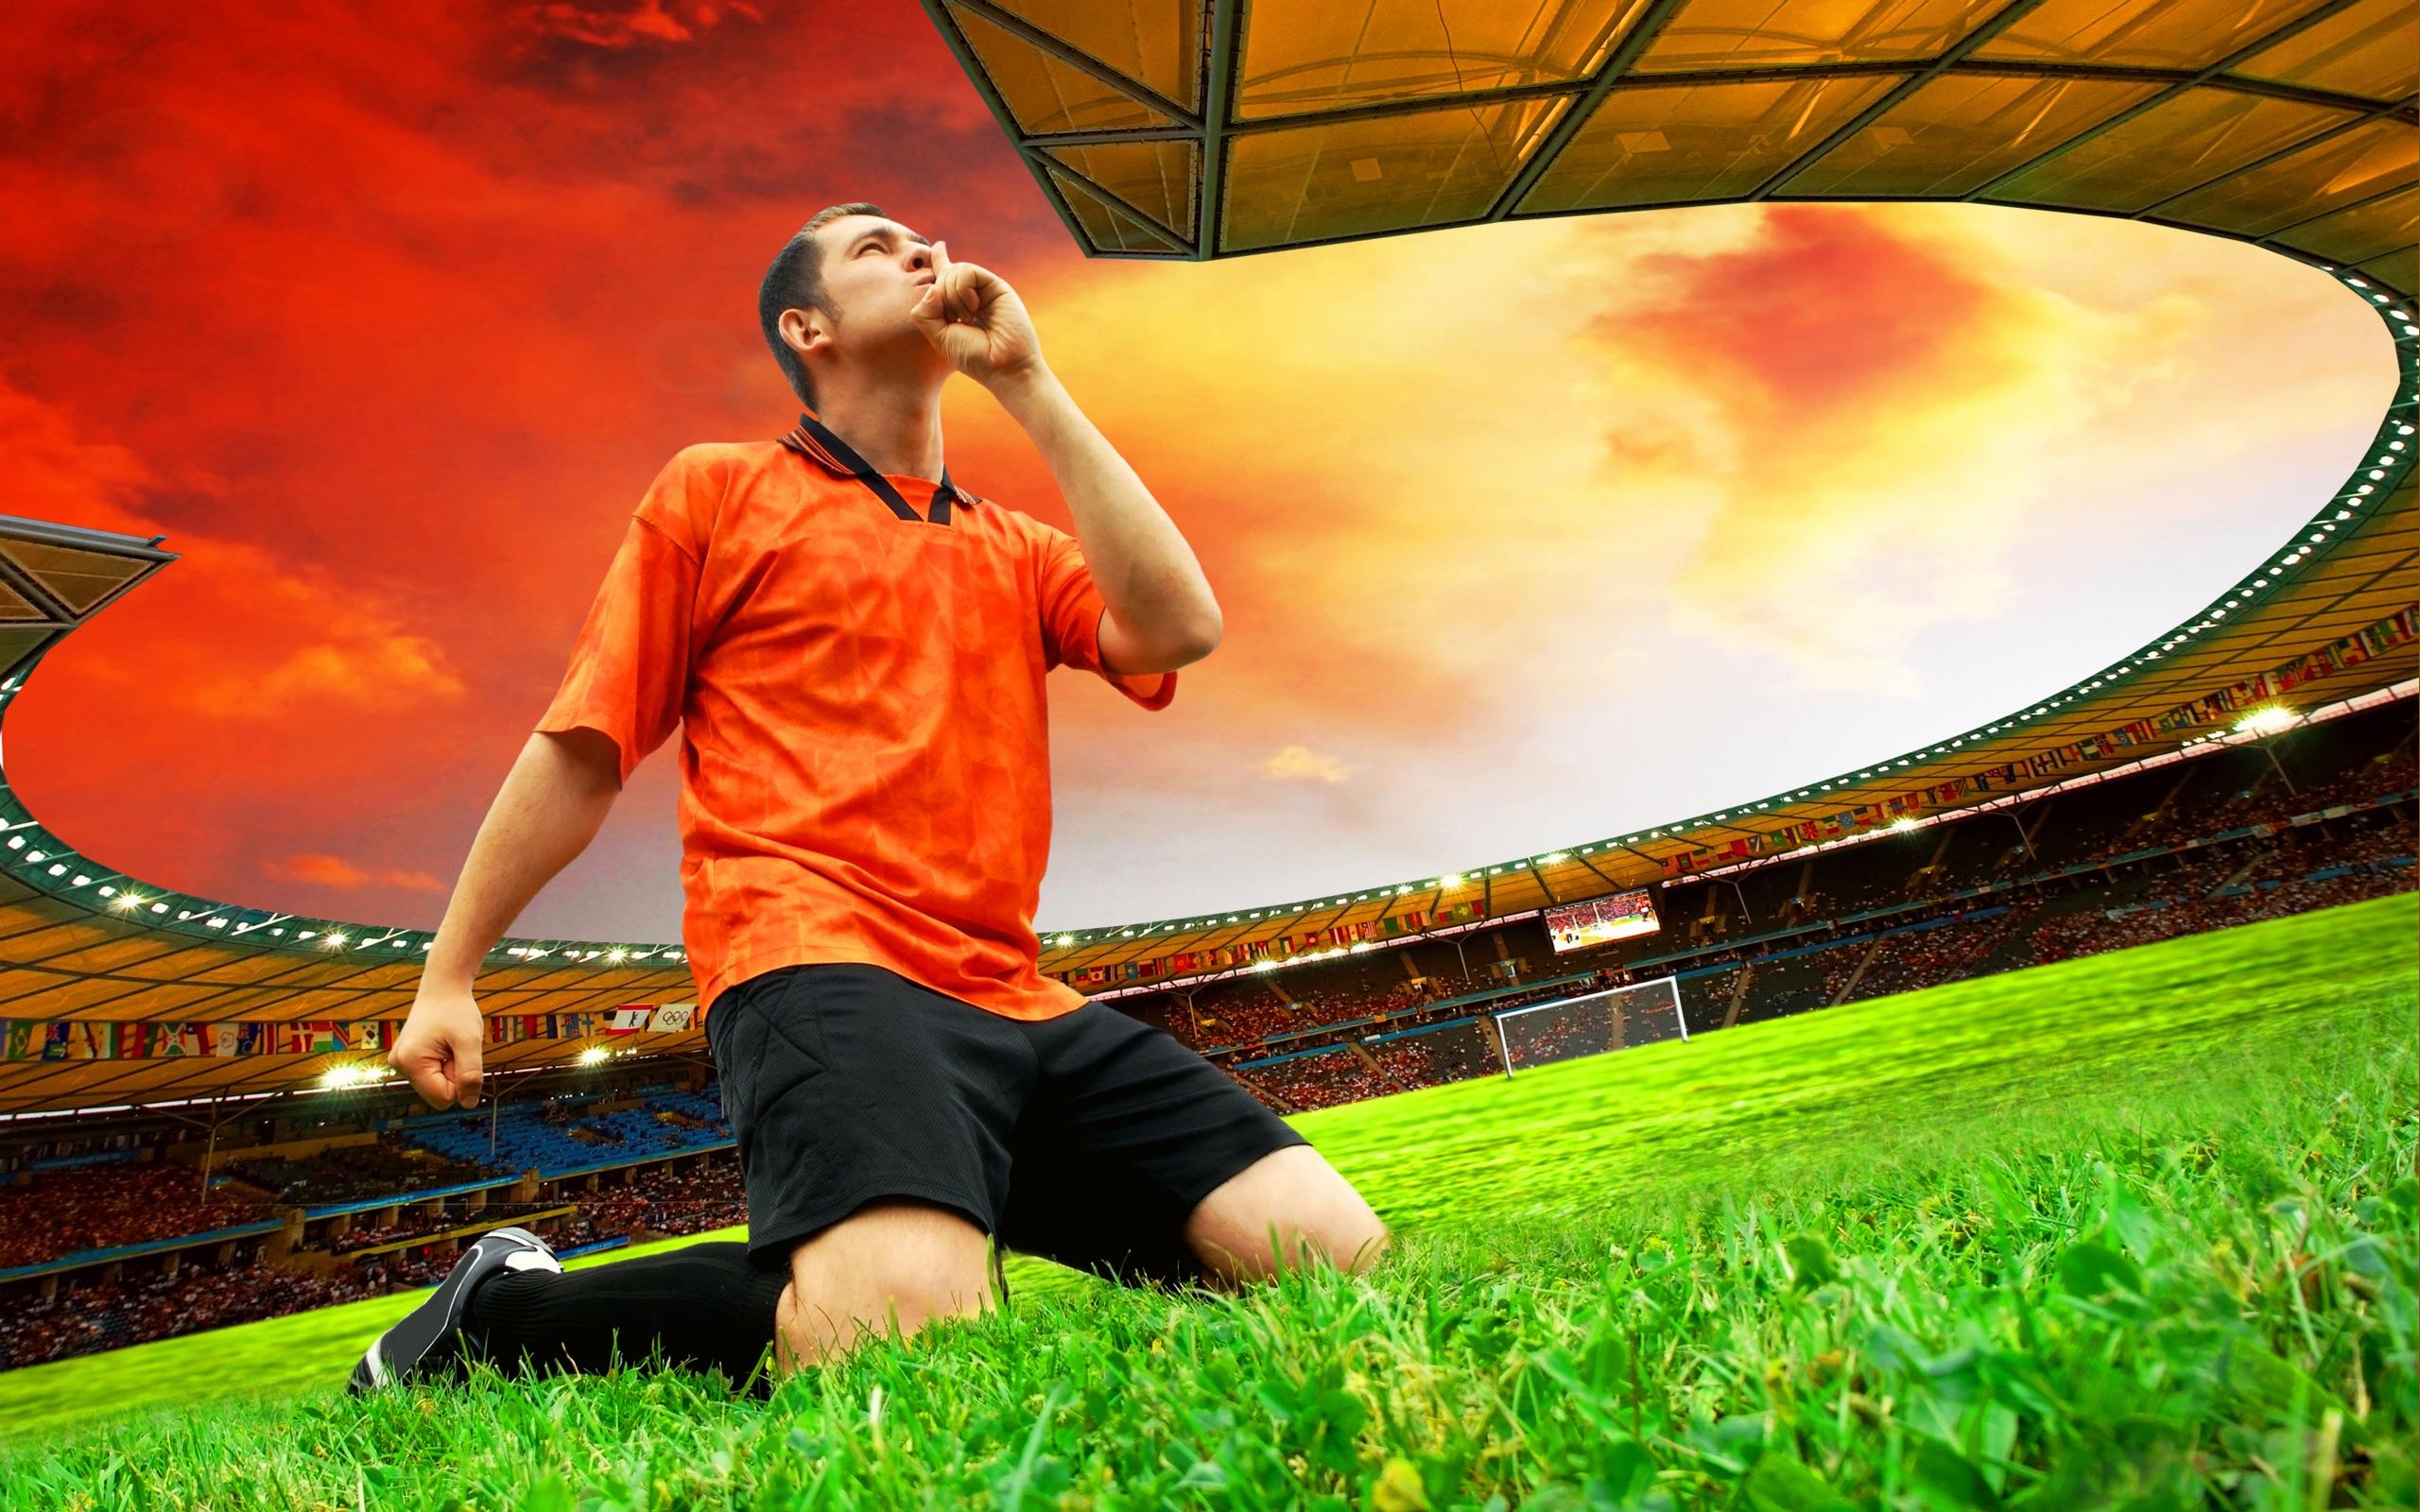 Soccer Players Wallpapers Soccer Wallpaper Desktop 2560x1600